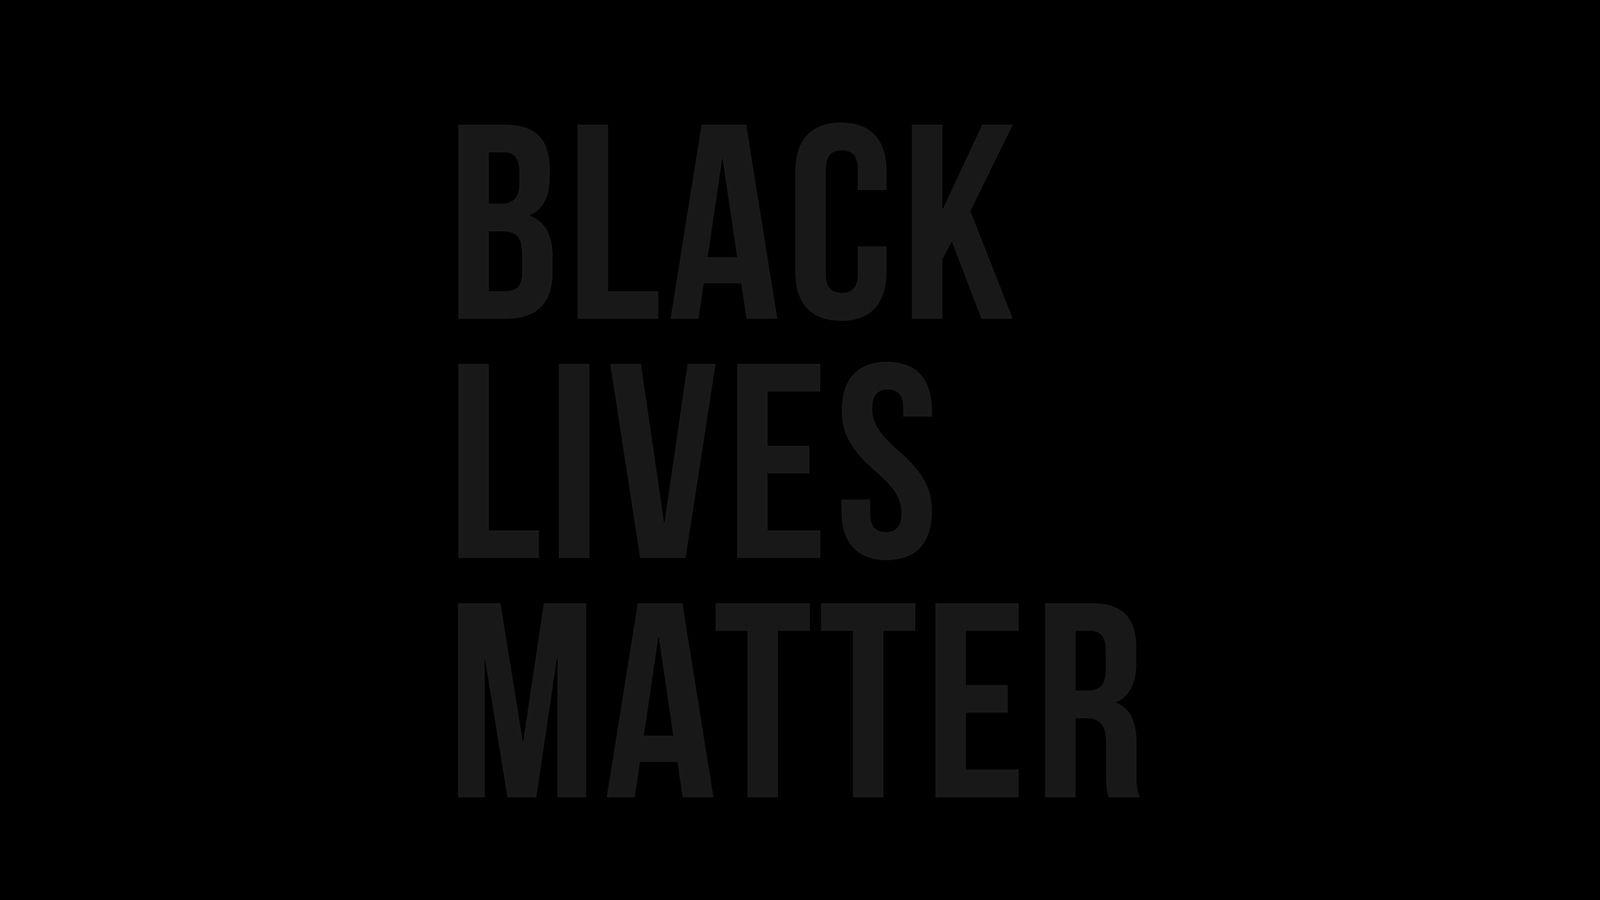 black lives matter computer wallpaper 71342